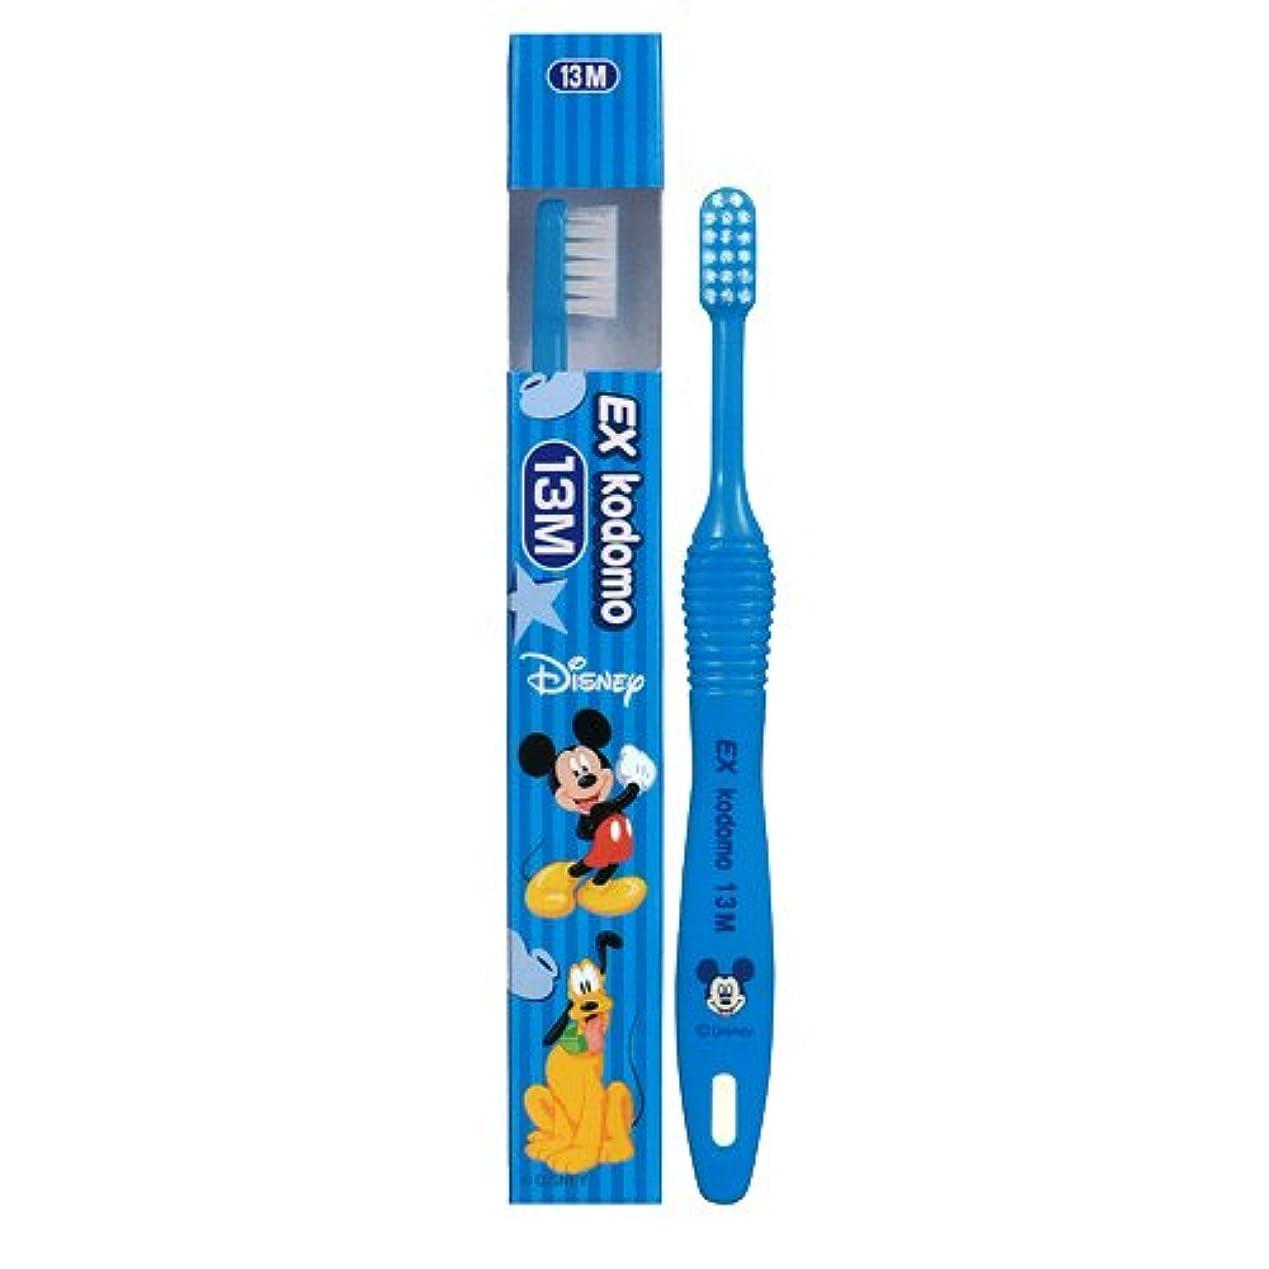 高架線形オピエートEX kodomo ディズニー 歯ブラシ 13(乳幼児用?0~6歳)M 4本入り